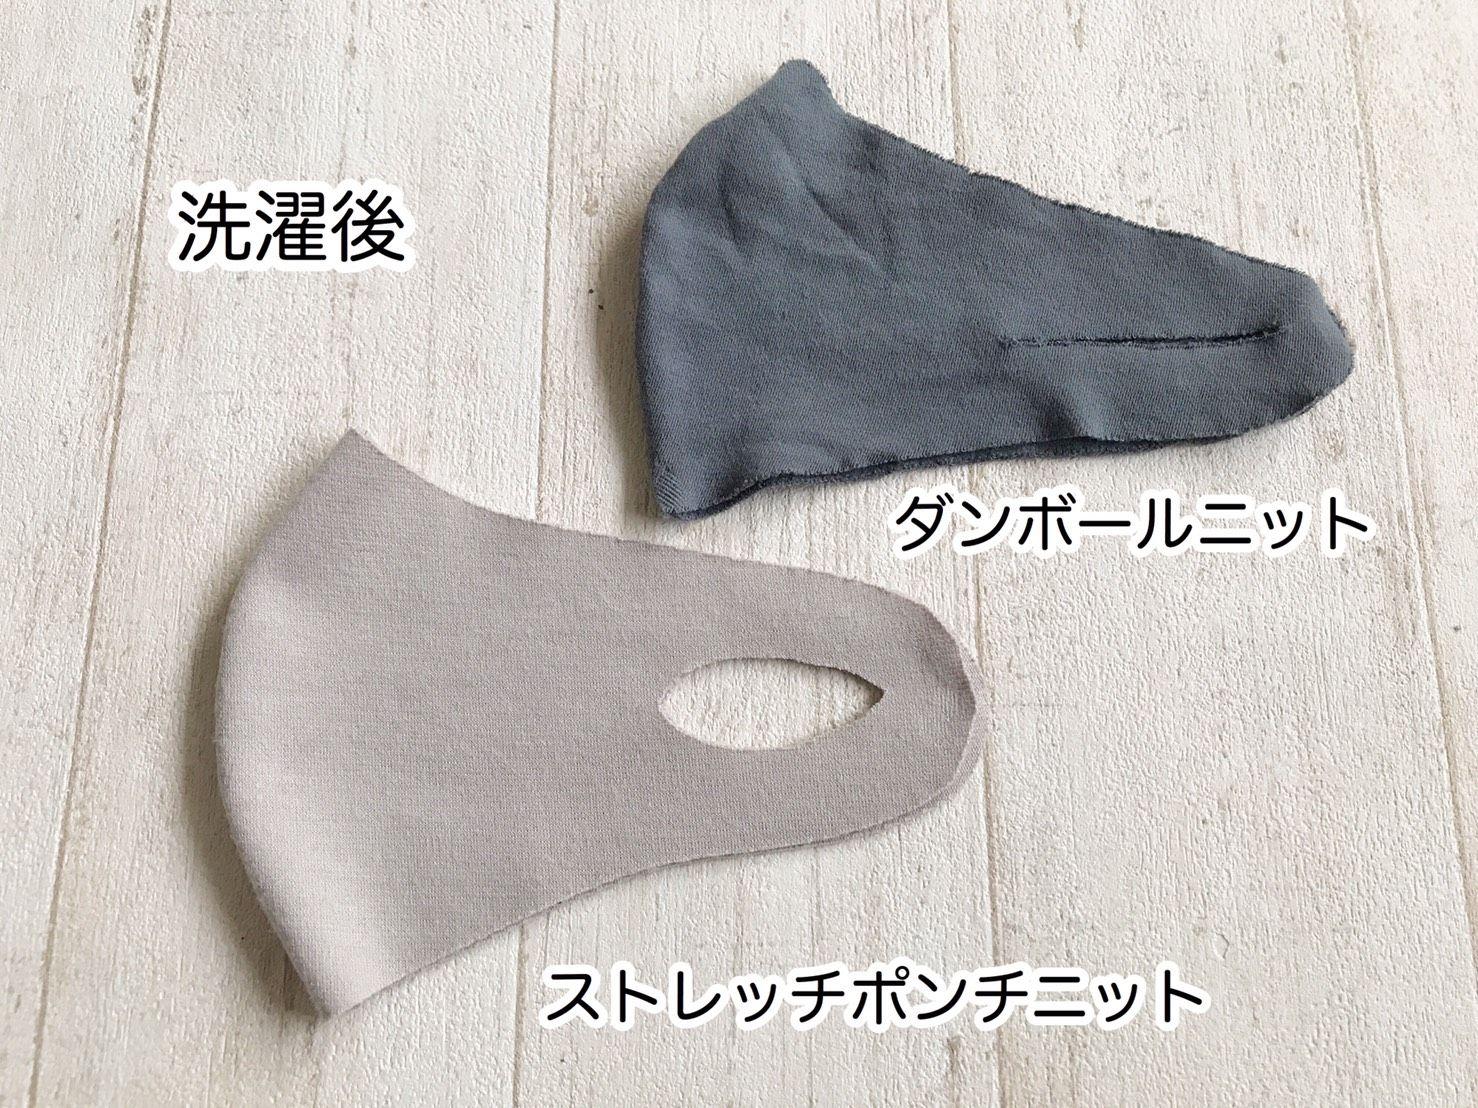 生地 マスク 作り方 ニット